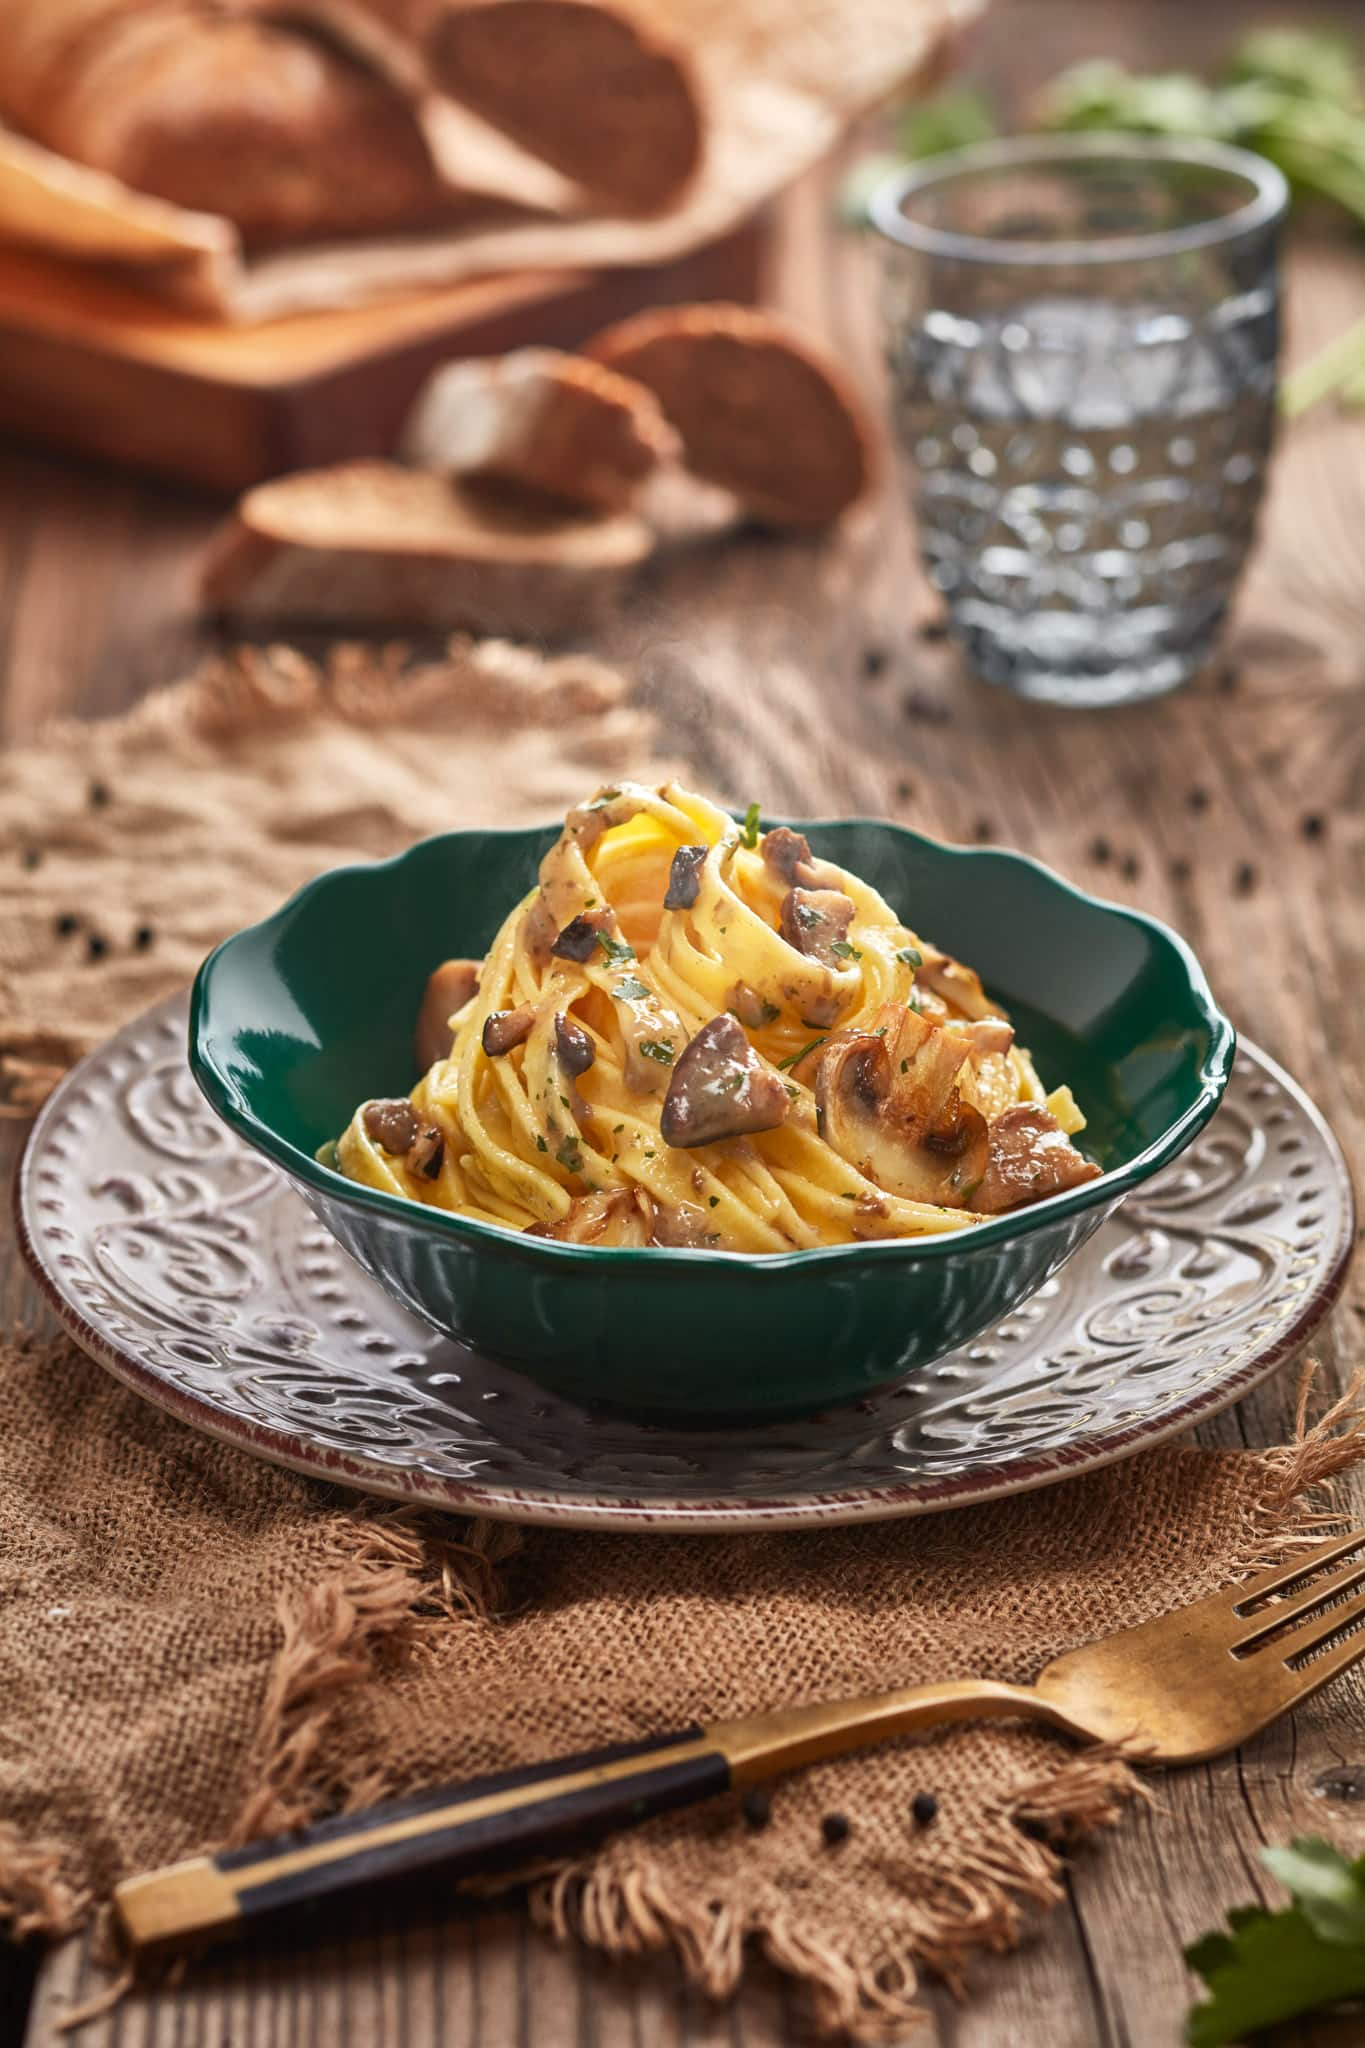 fotografo food commerciale blogger editoriale libro ricette ricettario magazine cibo milano roma venezia padova bologna modena